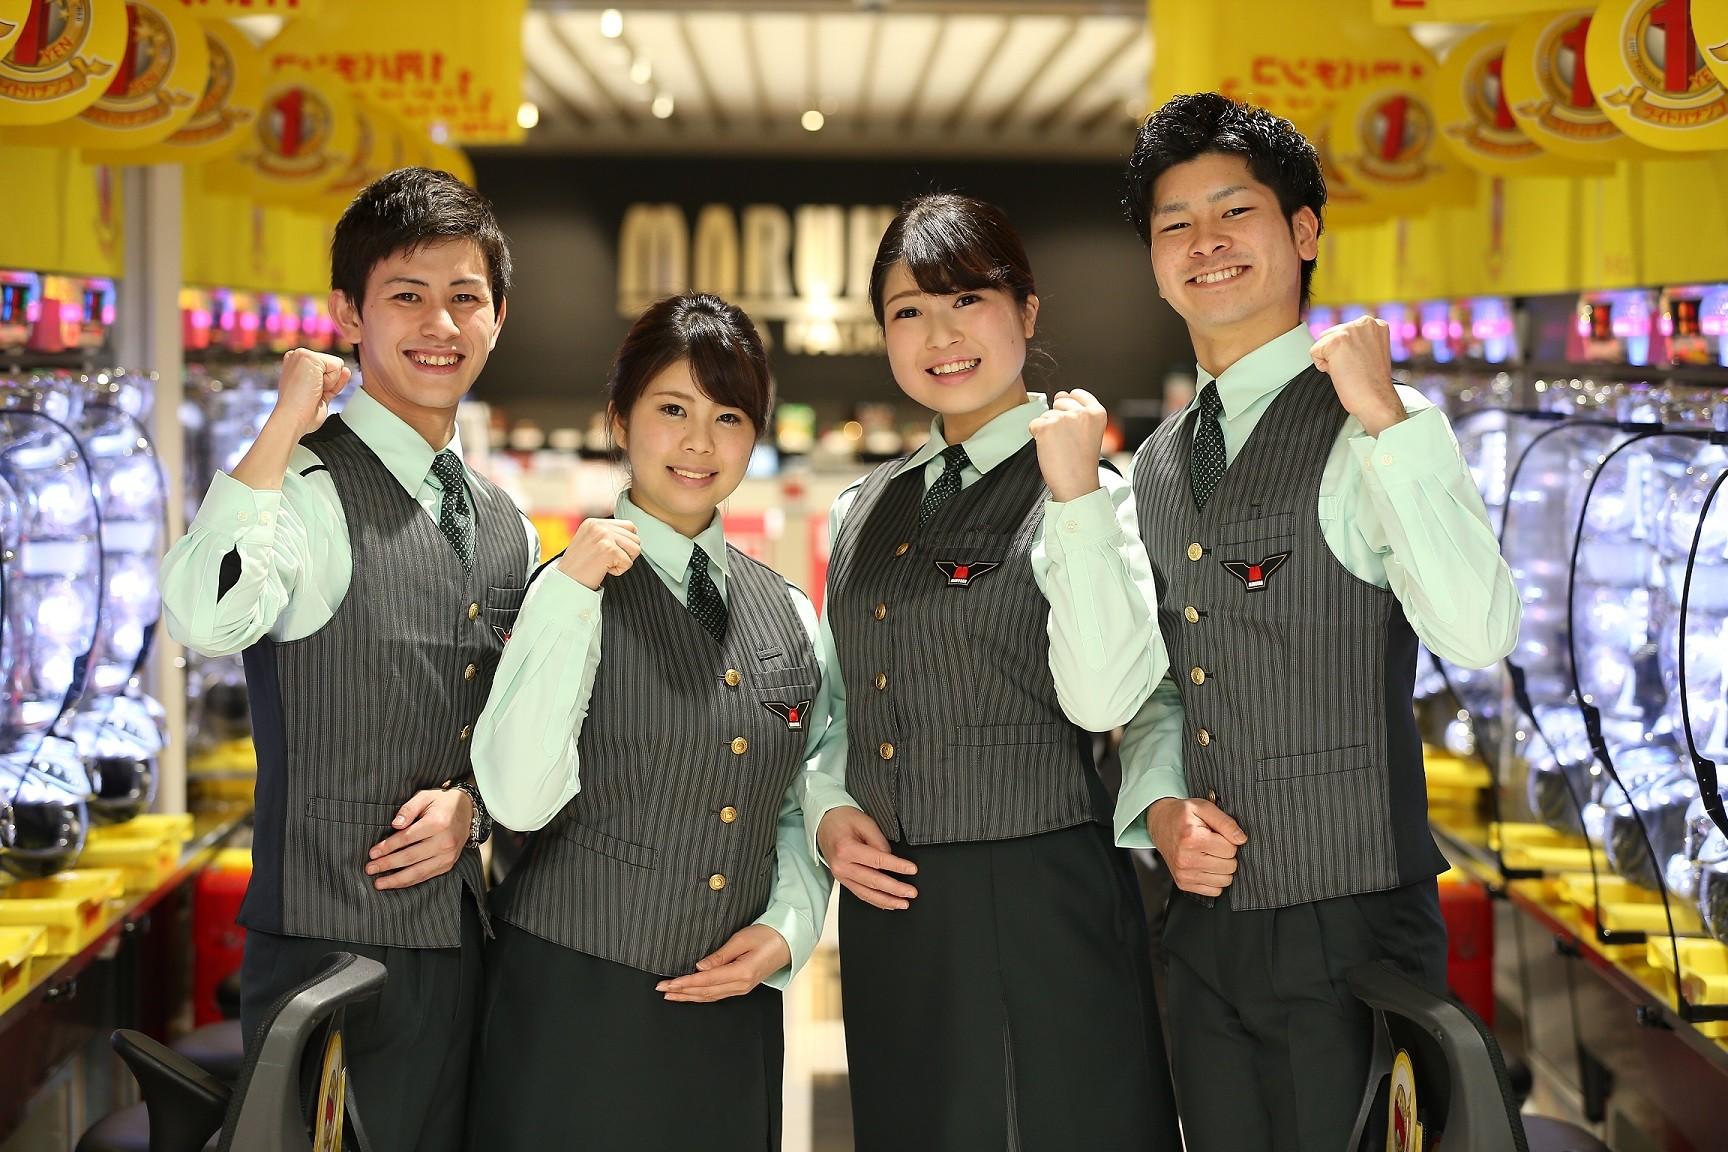 マルハン 萩原店ライト館[2110]のアルバイト情報